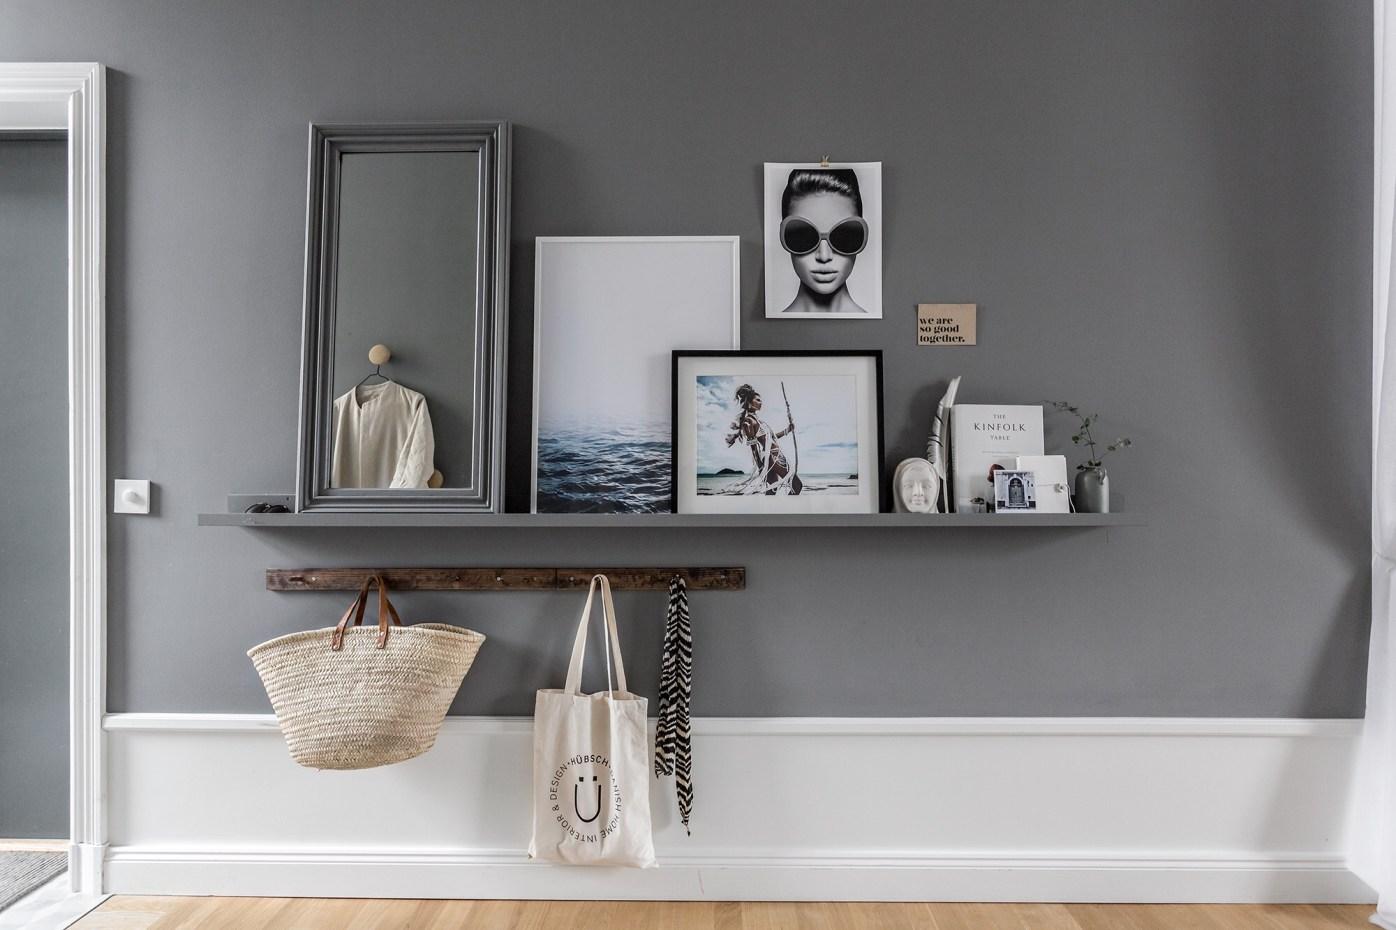 подвесная консоль серые стены картины высокий плинтус